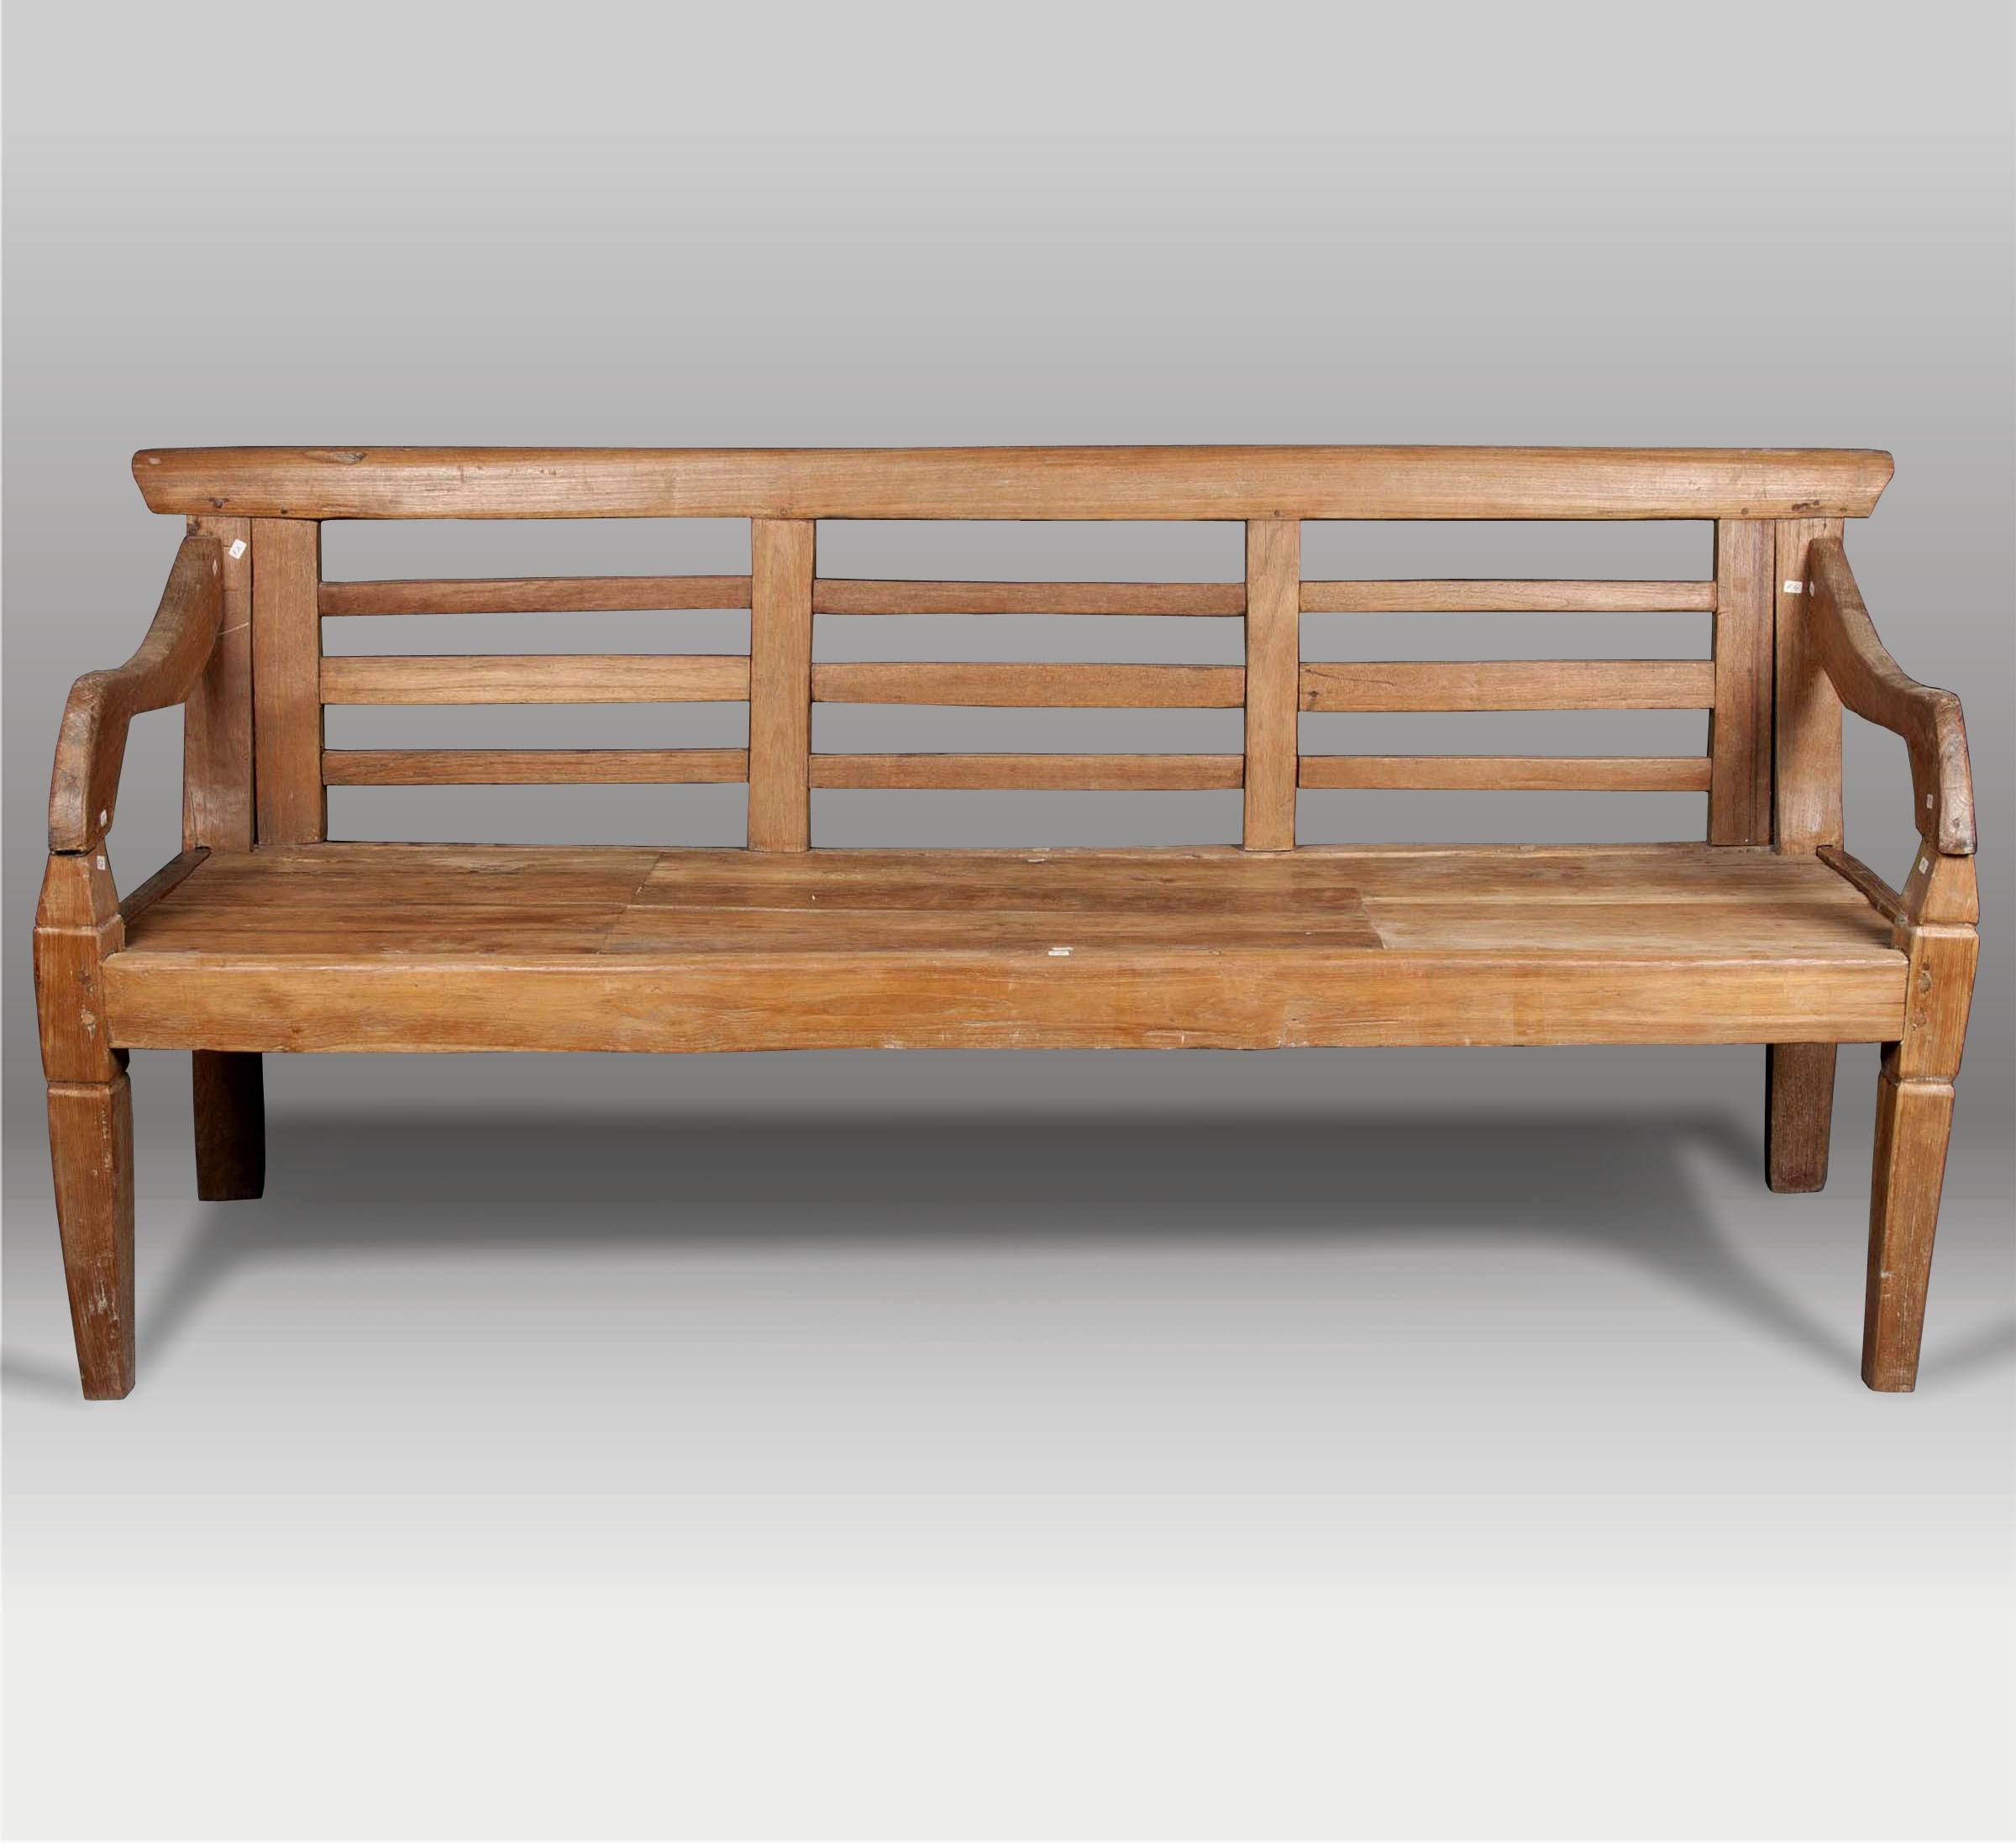 Banco y banco de madera batavia for Fotos en madera